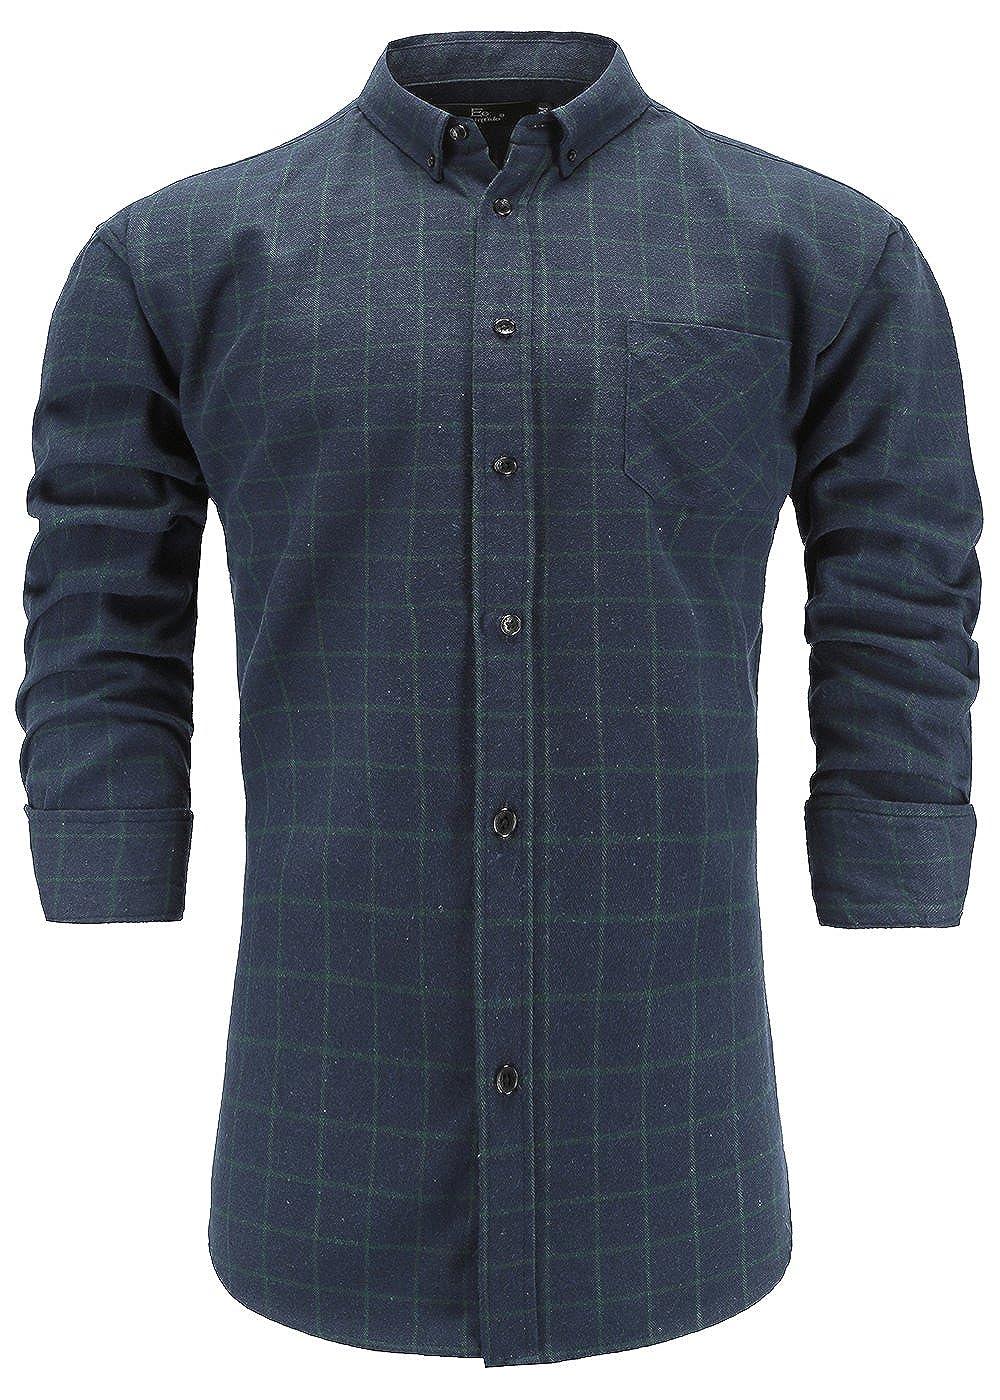 Emiqude Men's Slim Fit Long Sleeve Flannel Cotton Stylish Plaid Button-Down Dress Shirt